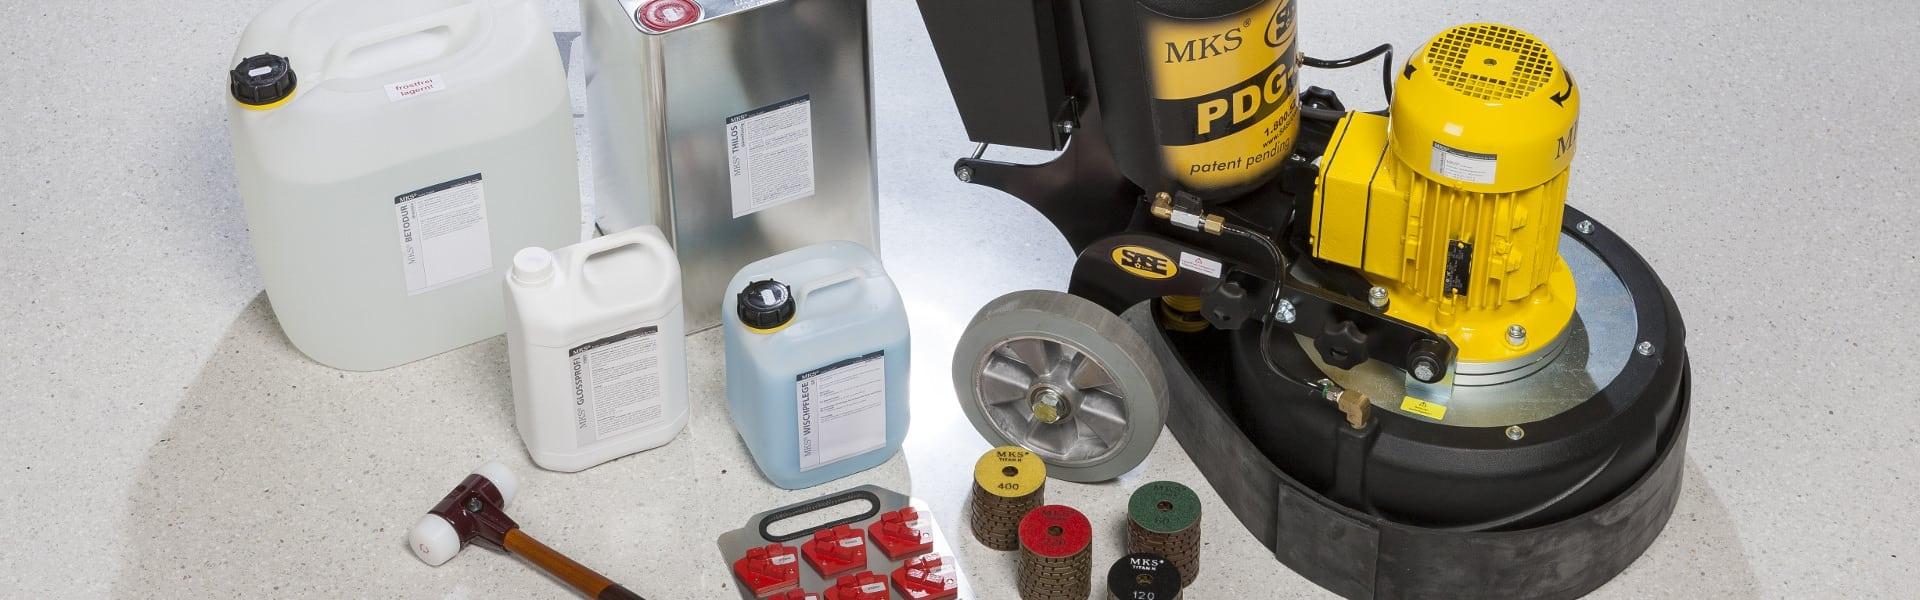 Schleifmaschinen und Zubehör zum Bodenschleifen